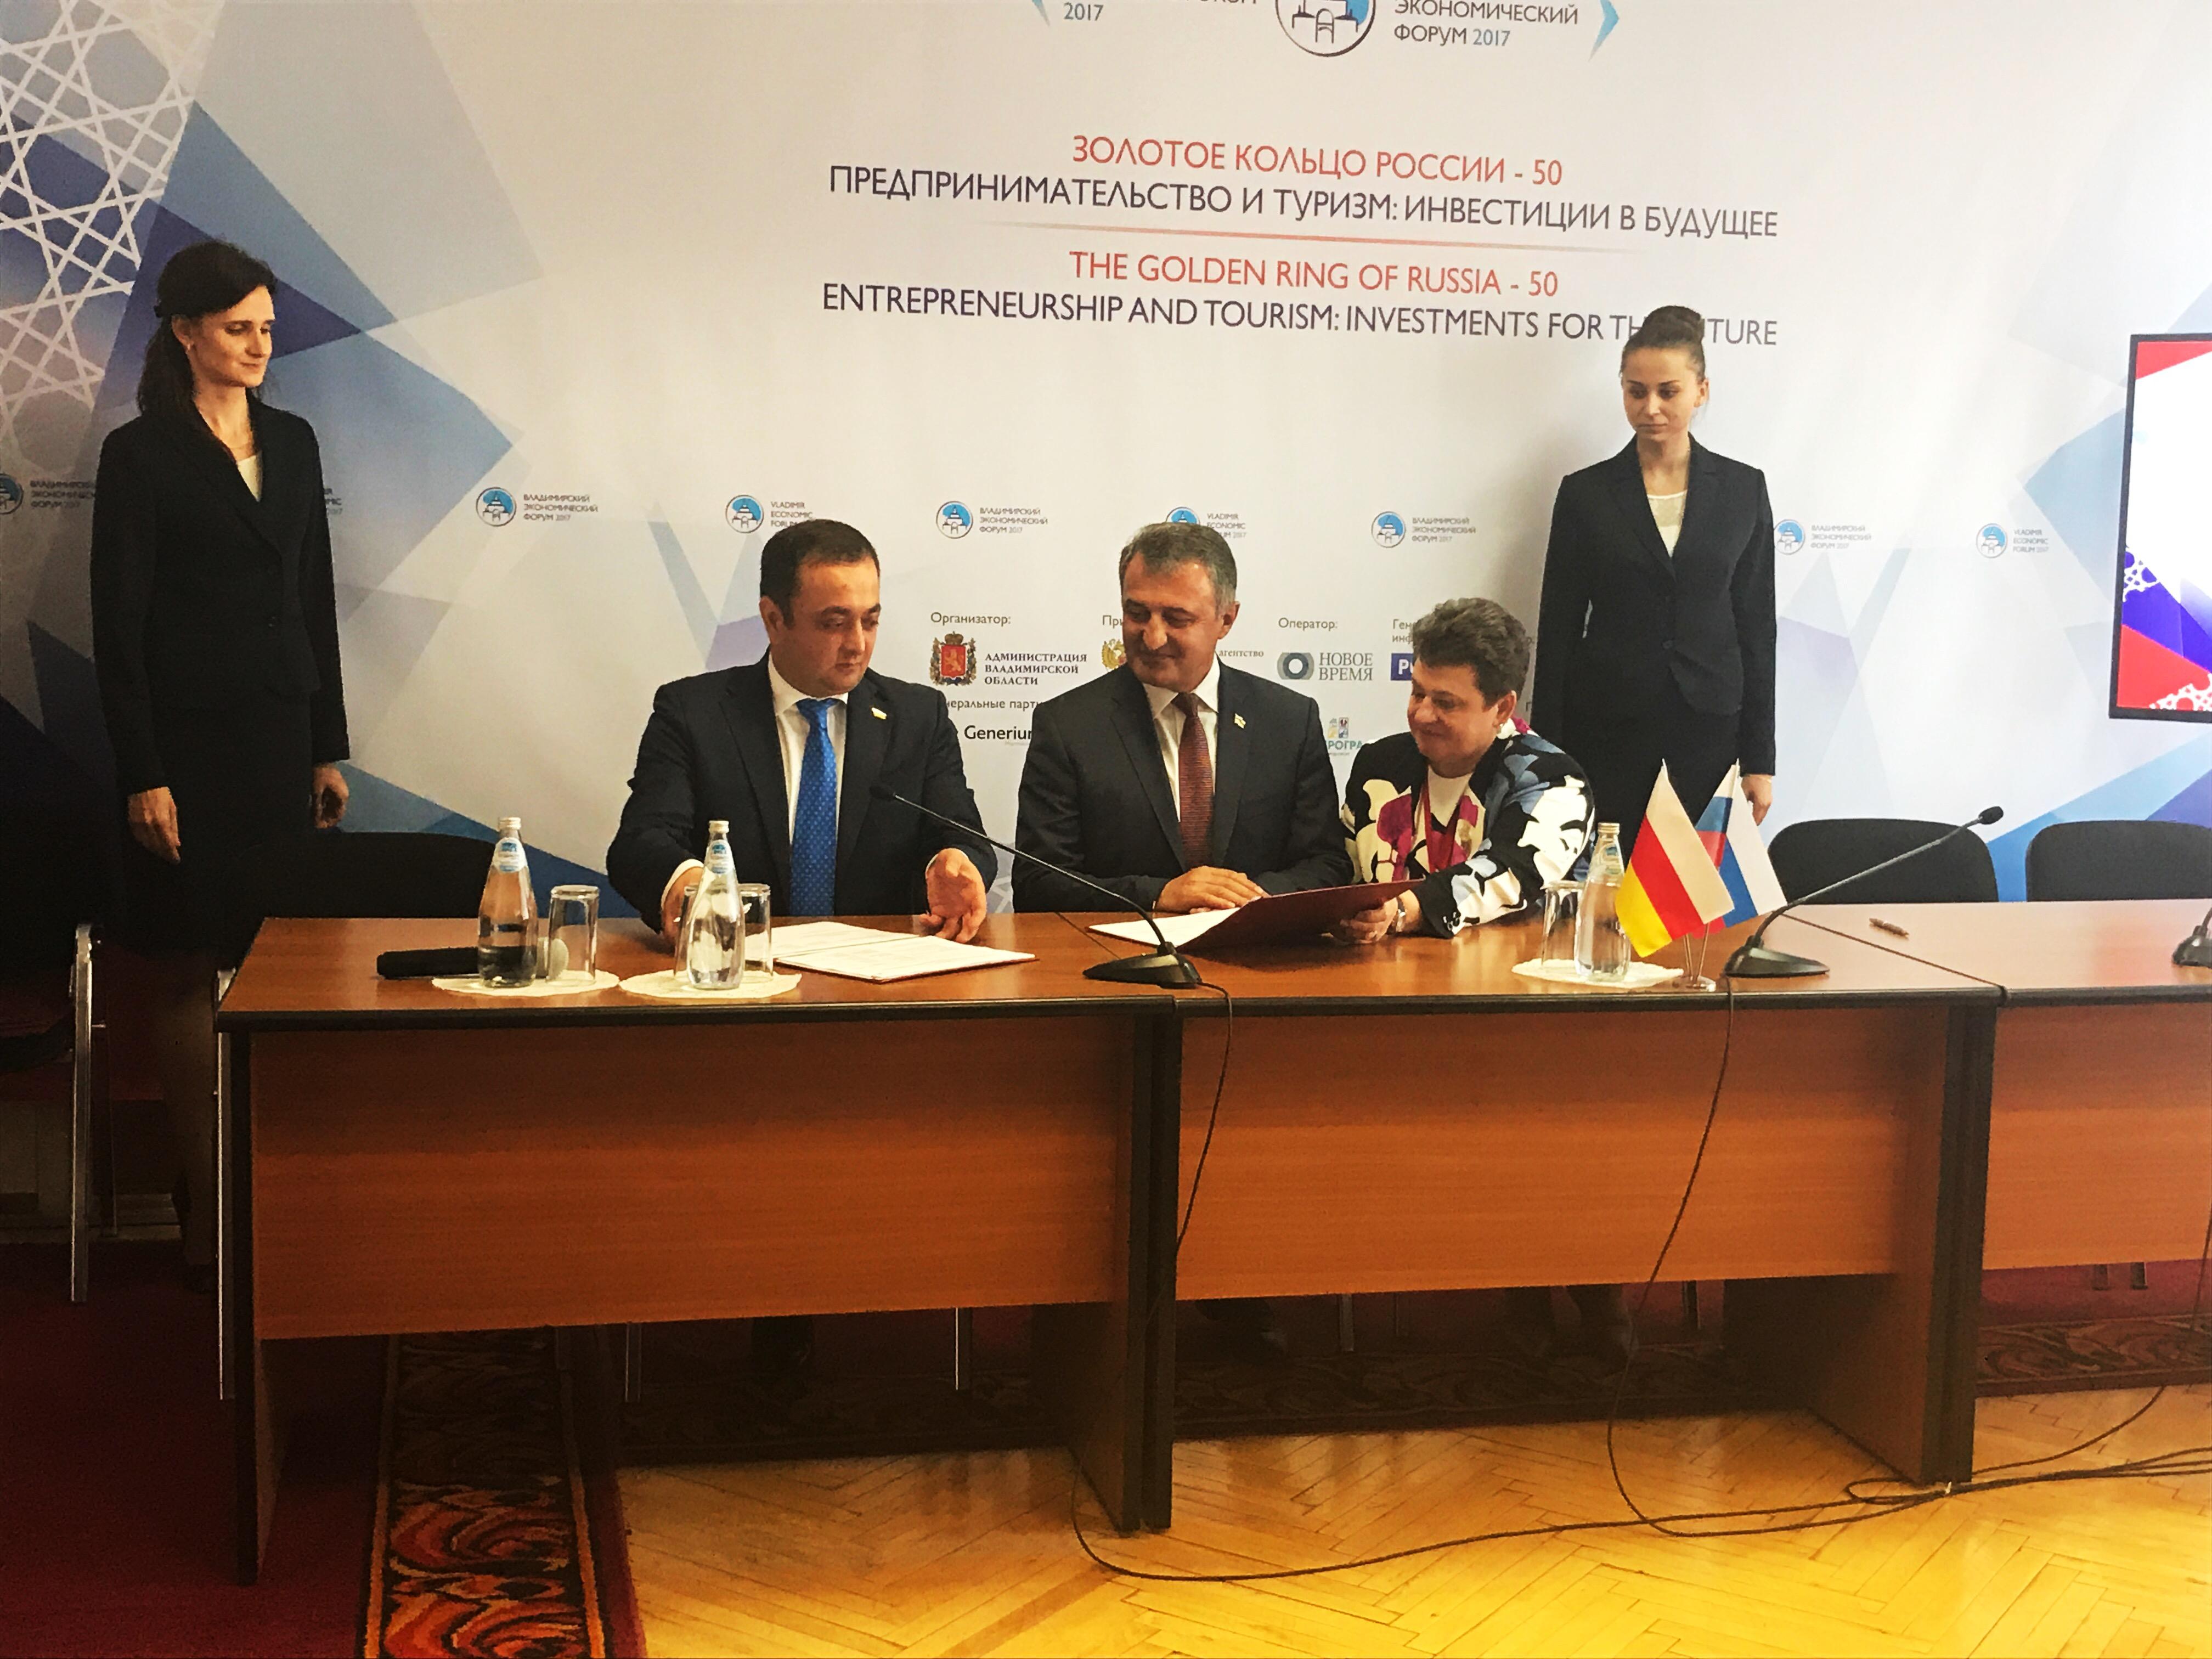 Во Владимире подписан План мероприятий по реализации Соглашения о торгово-экономическом, научно-техническом и культурном сотрудничестве